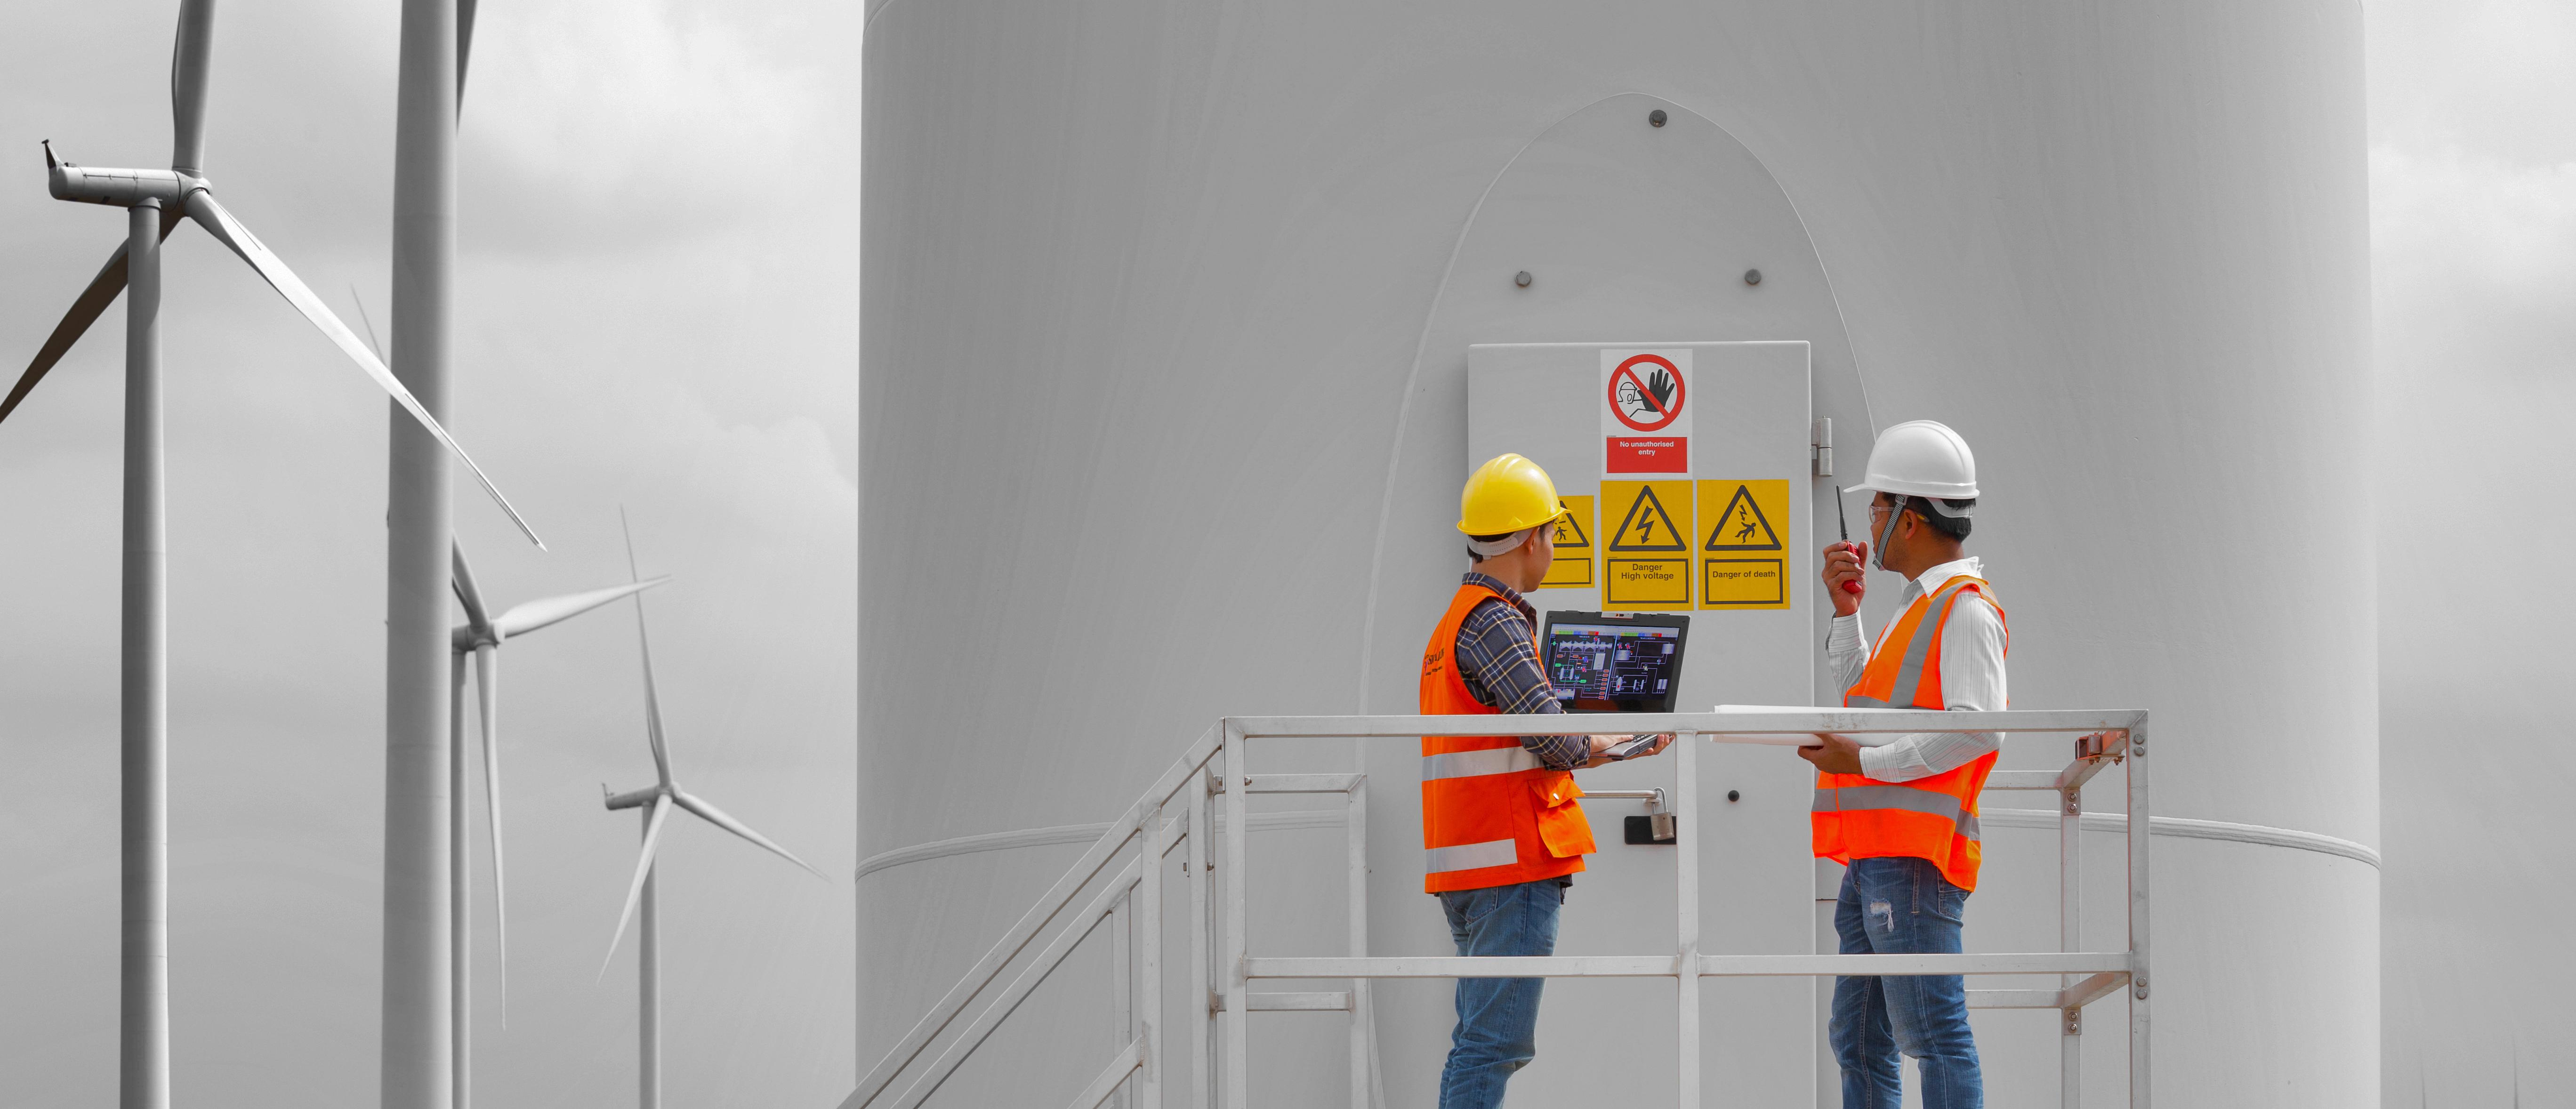 Header_Services_HealthSafety_Windfarm_Safety_Compliance_1800x775